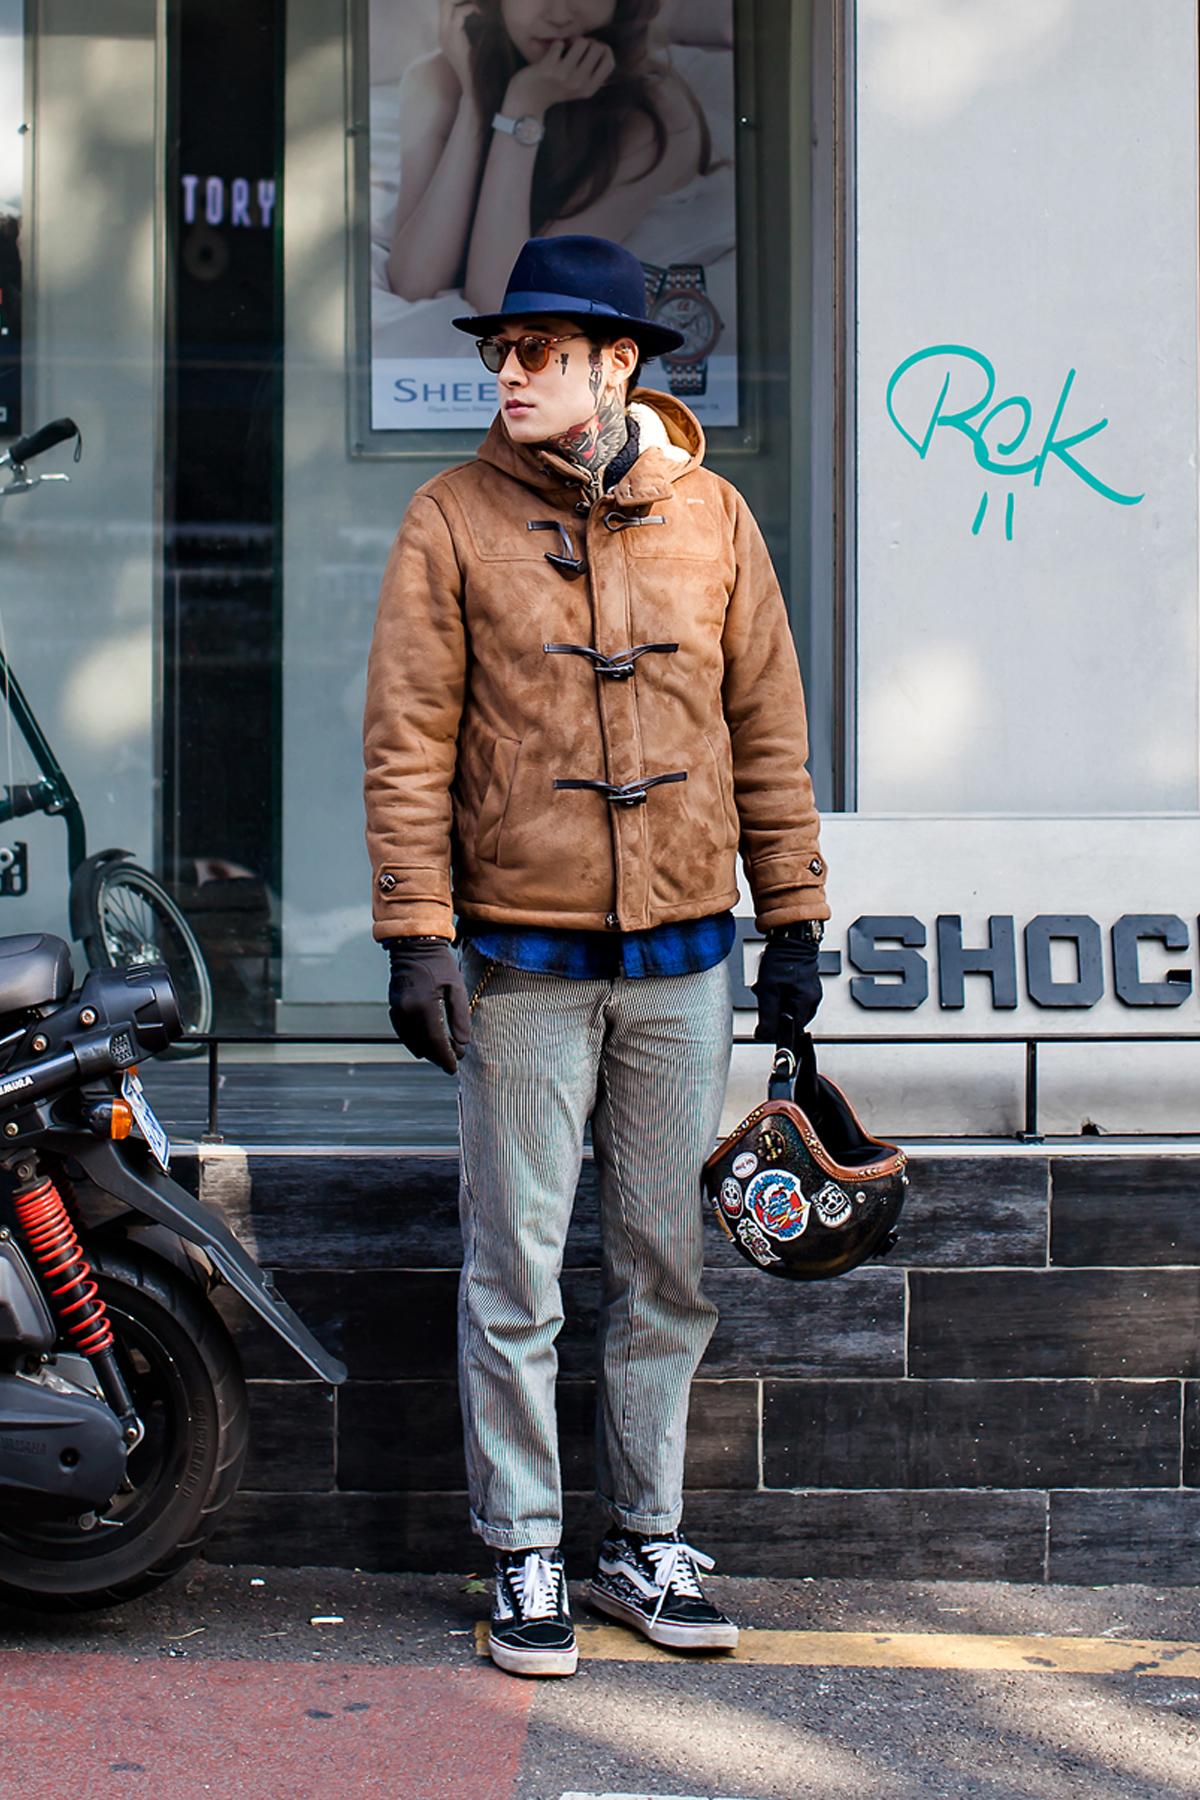 On the street… Crimer Seoul